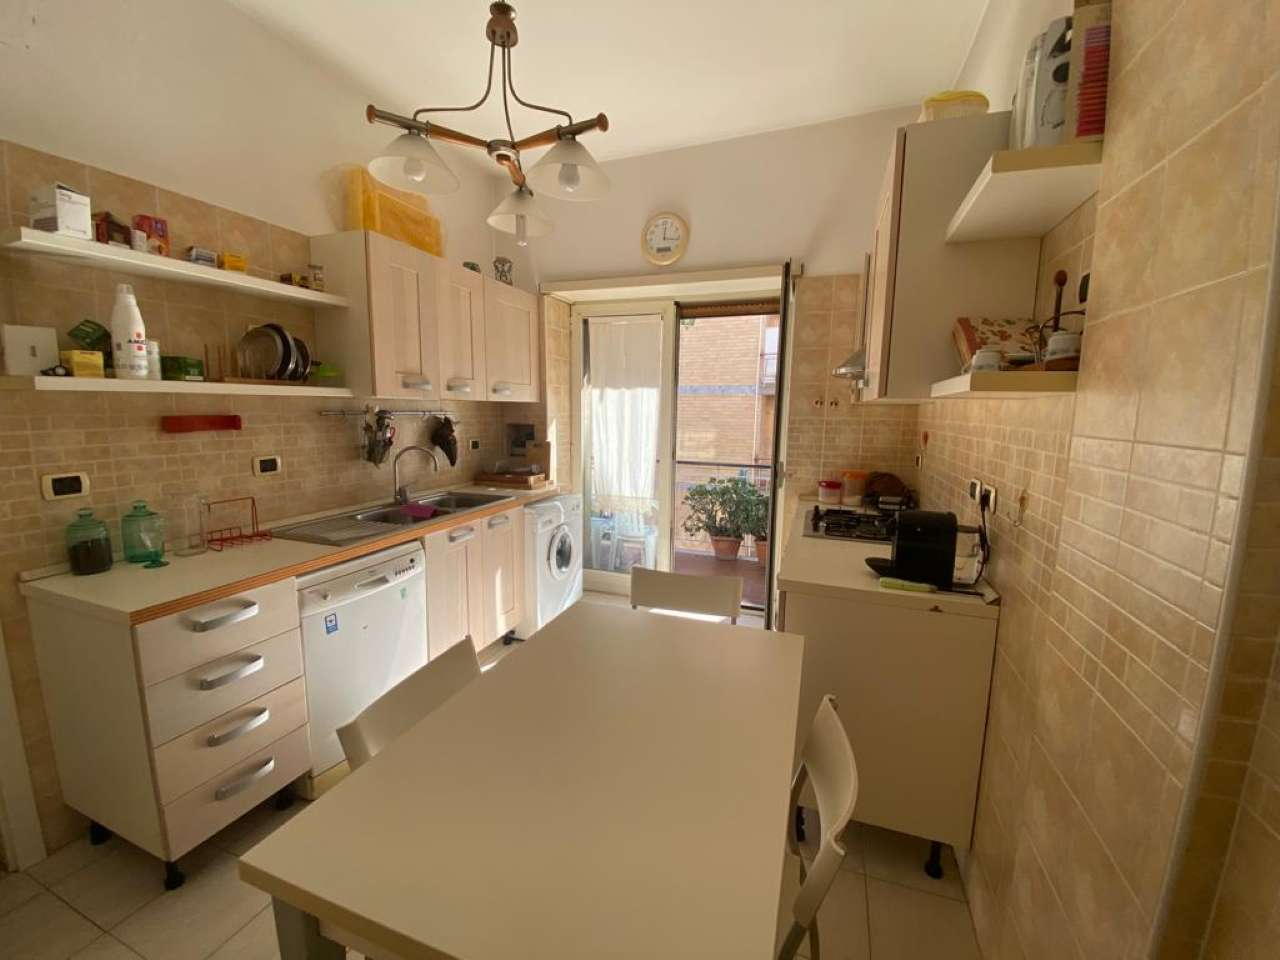 Appartamento, Via Francesco Cilea, Zona Vomero, Napoli, foto 6